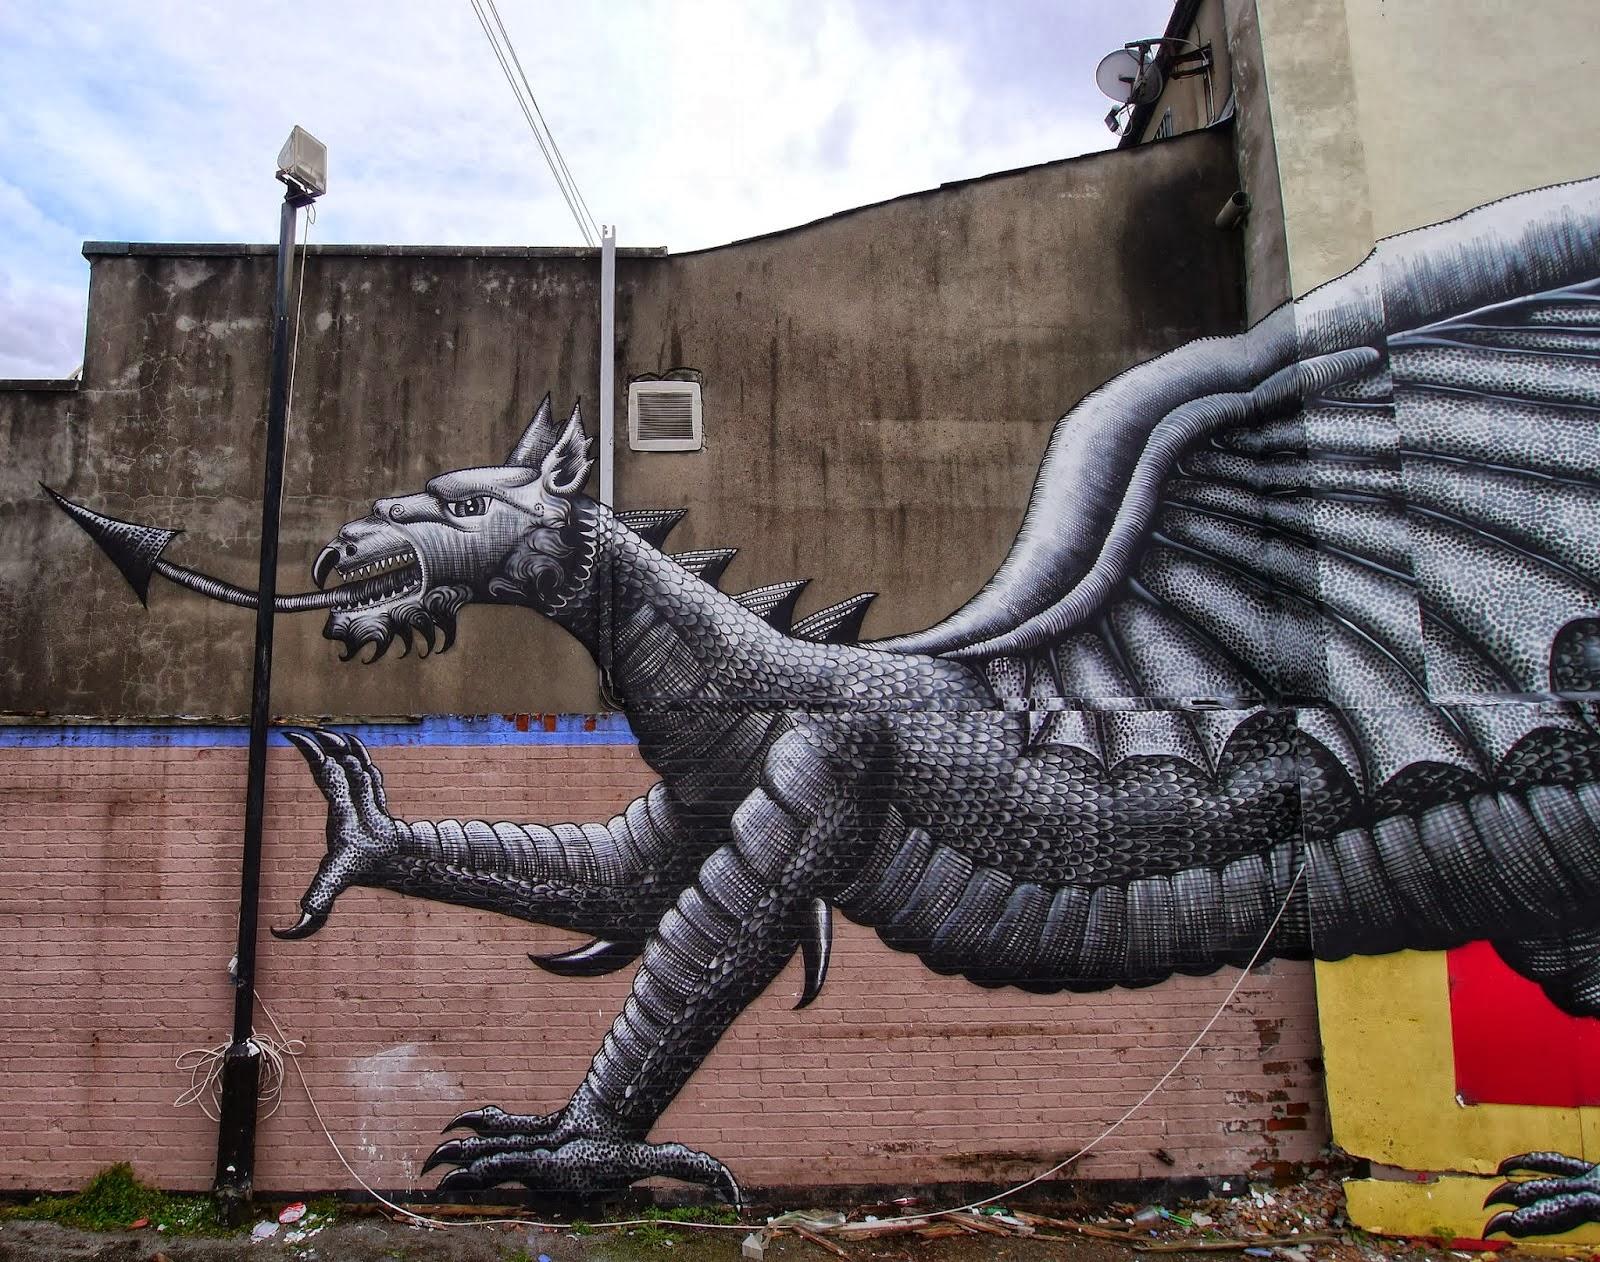 Good Street Art By Phlegm For Empty Walls Urban Art Festival In Cardiff Wales